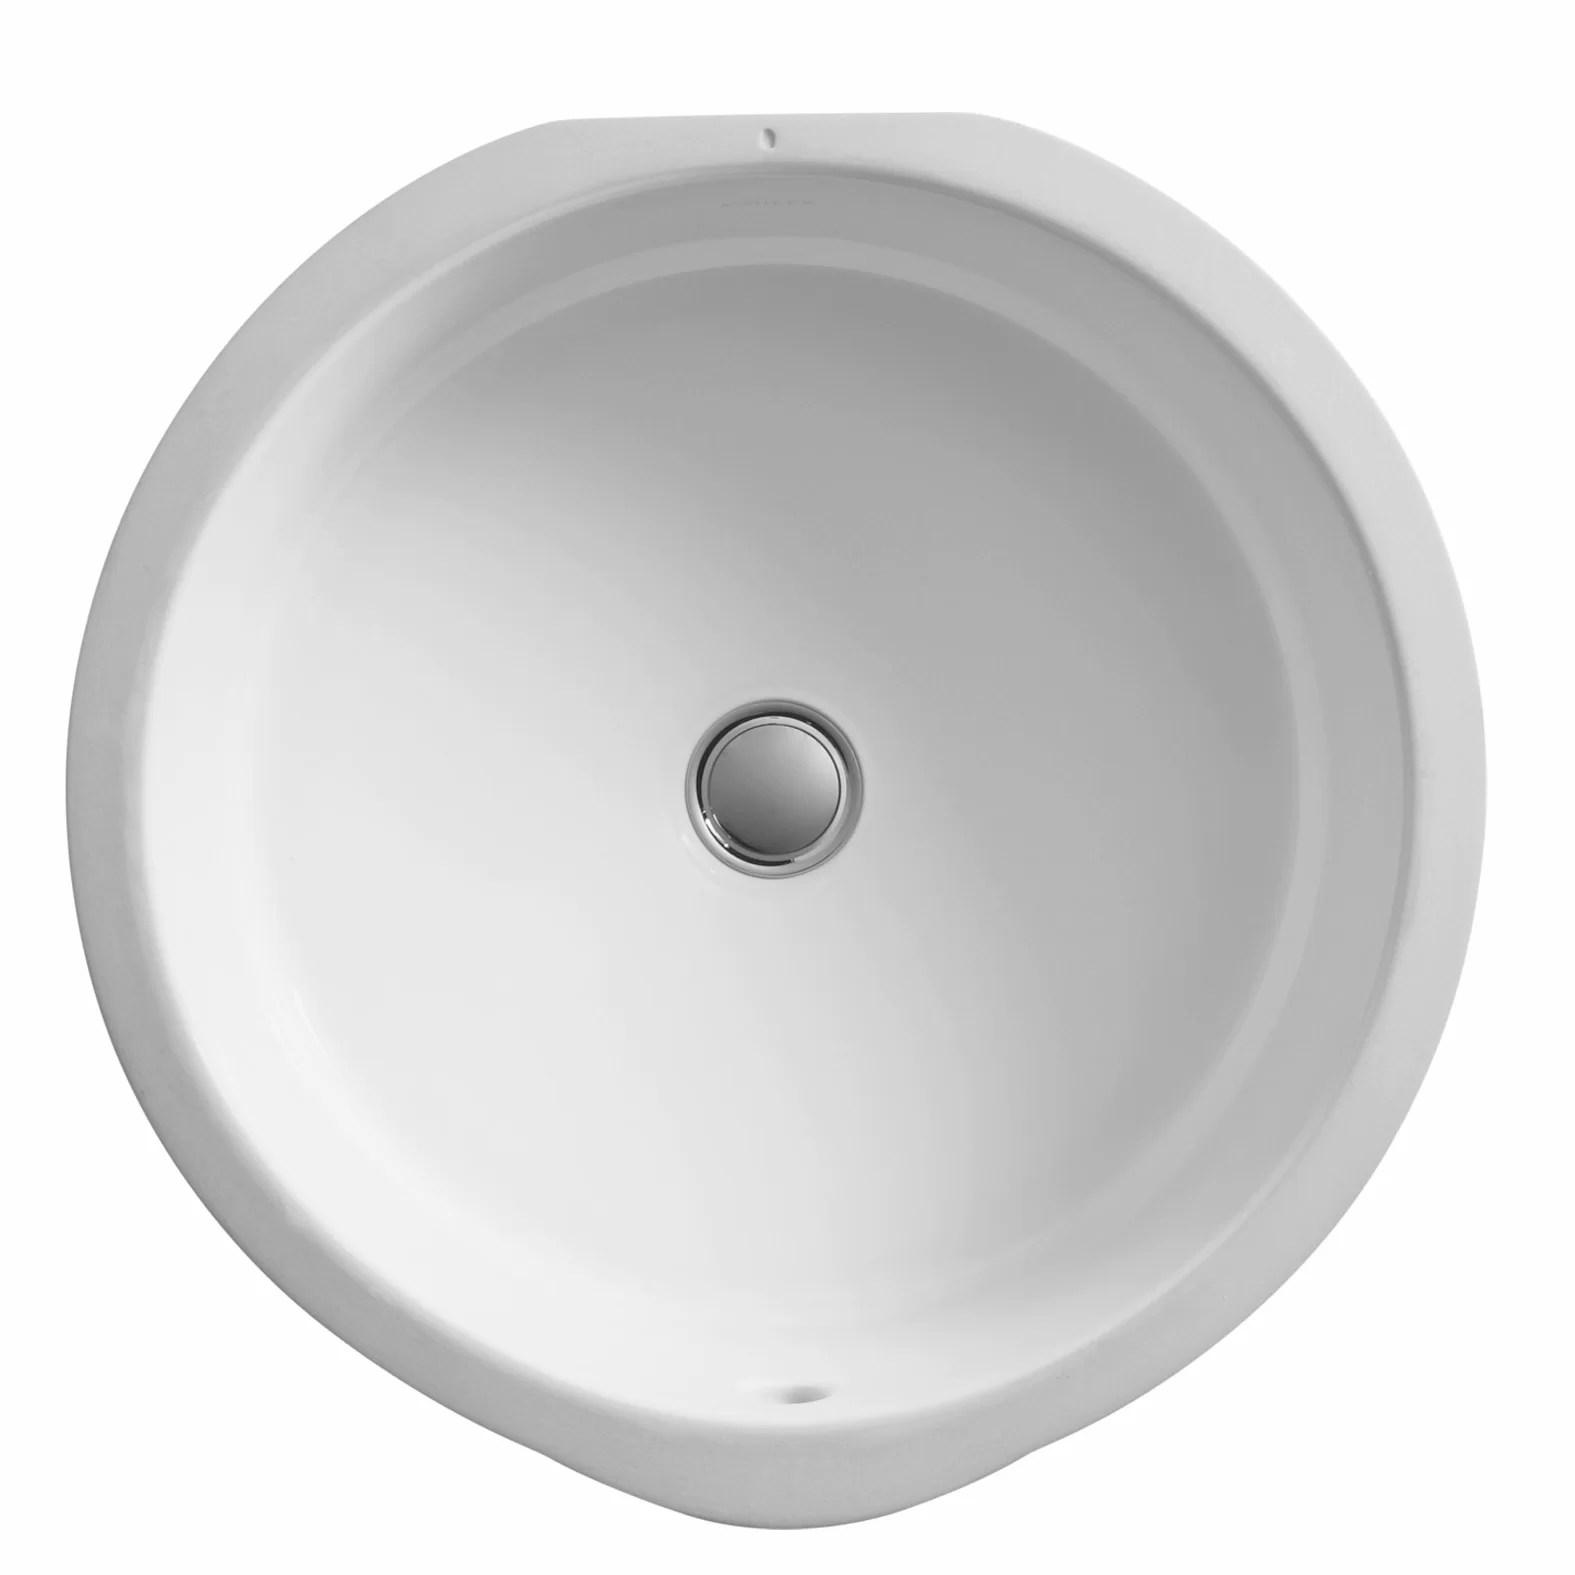 verticyl ceramic round undermount bathroom sink with overflow